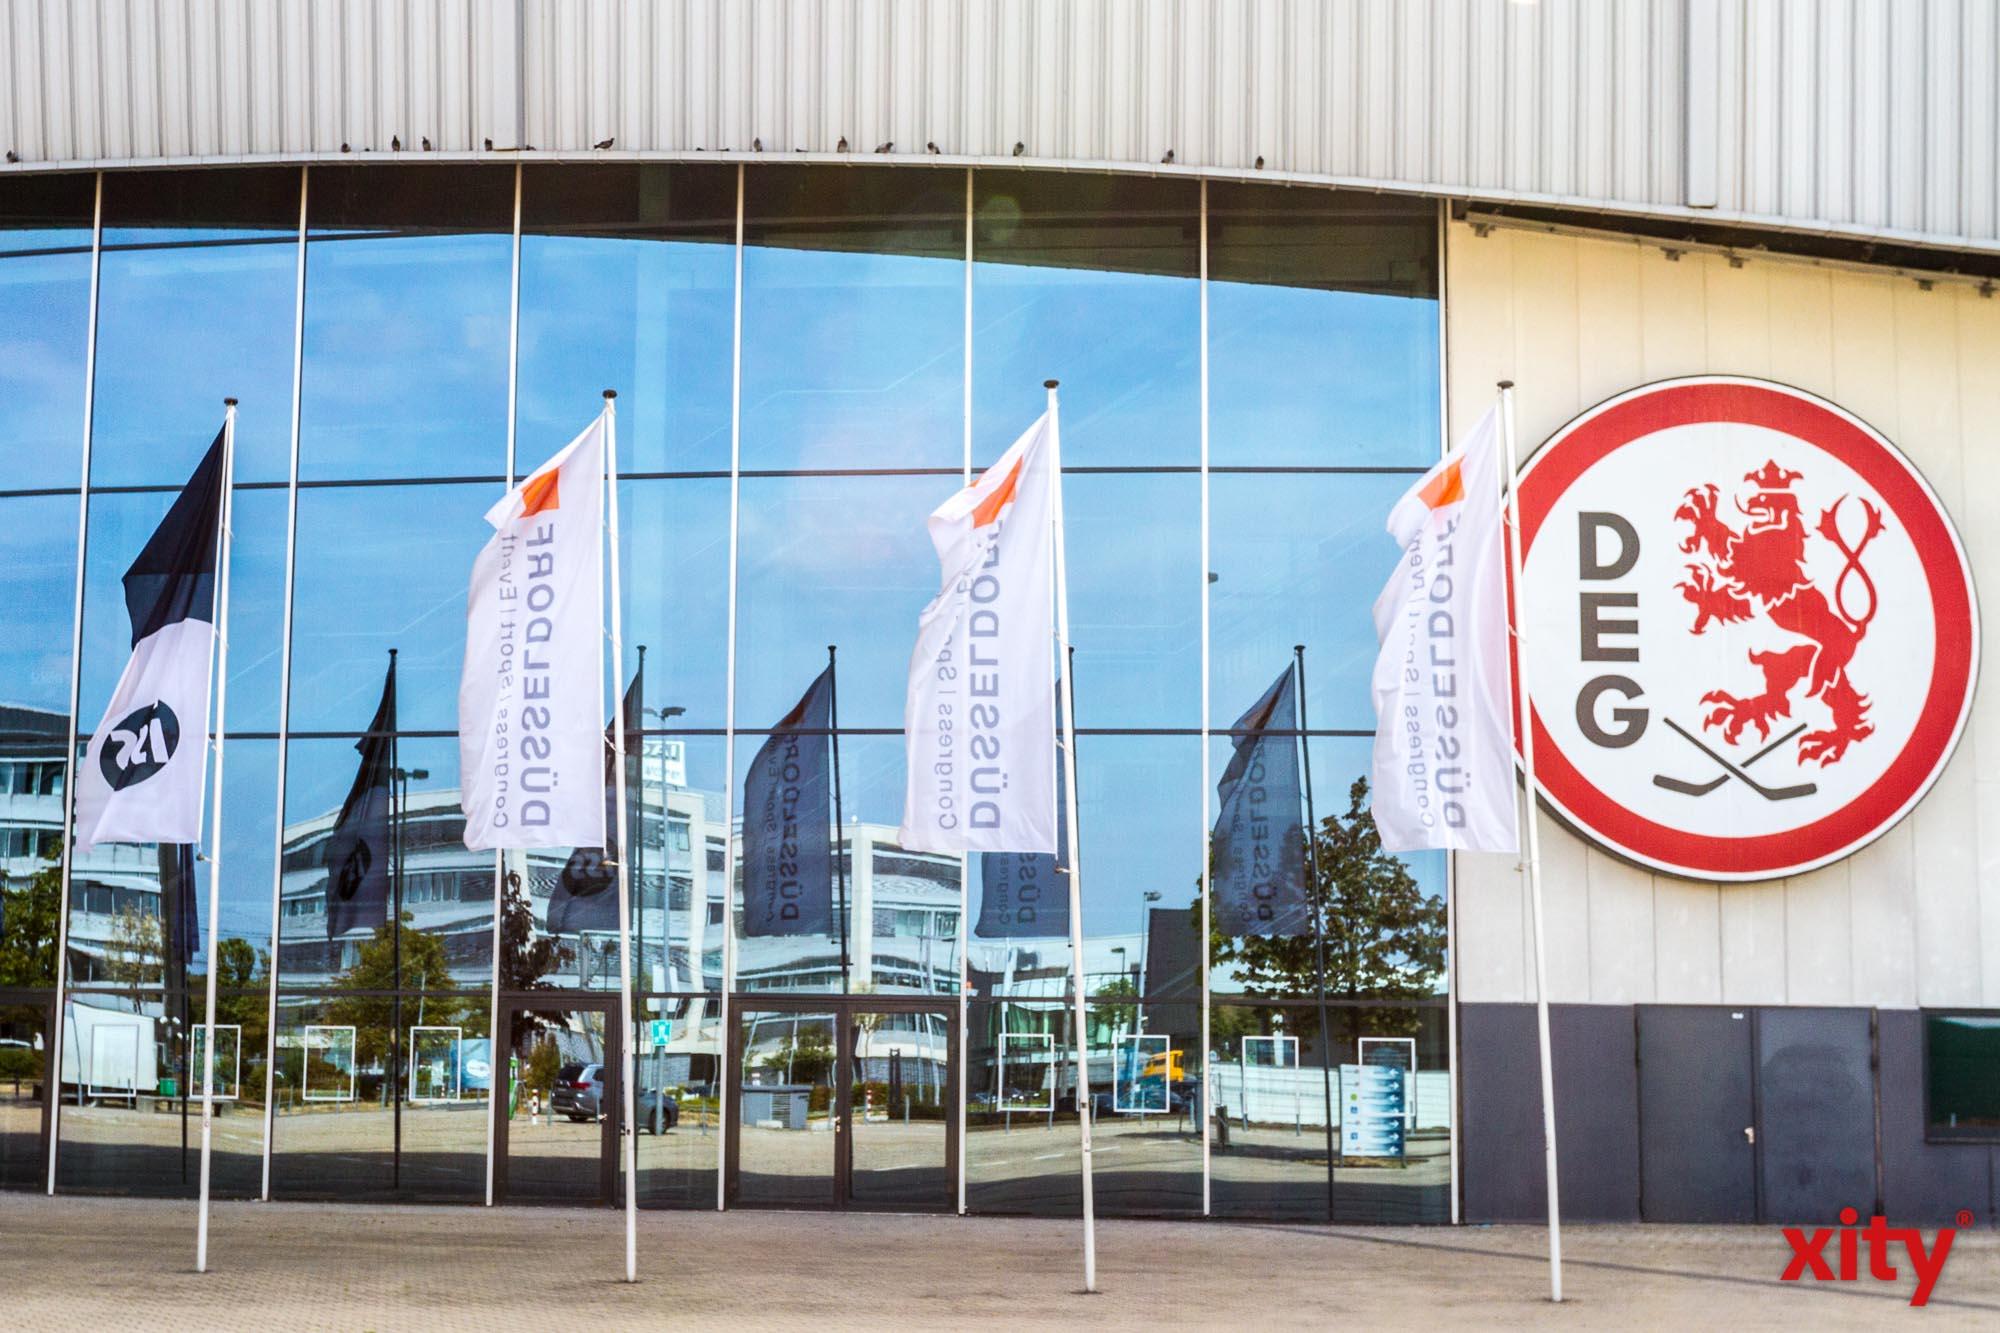 Die Düsseldorfer EG ist heute bei den Grizzlys aus Wolfsburg zu Gast (Foto: xity)